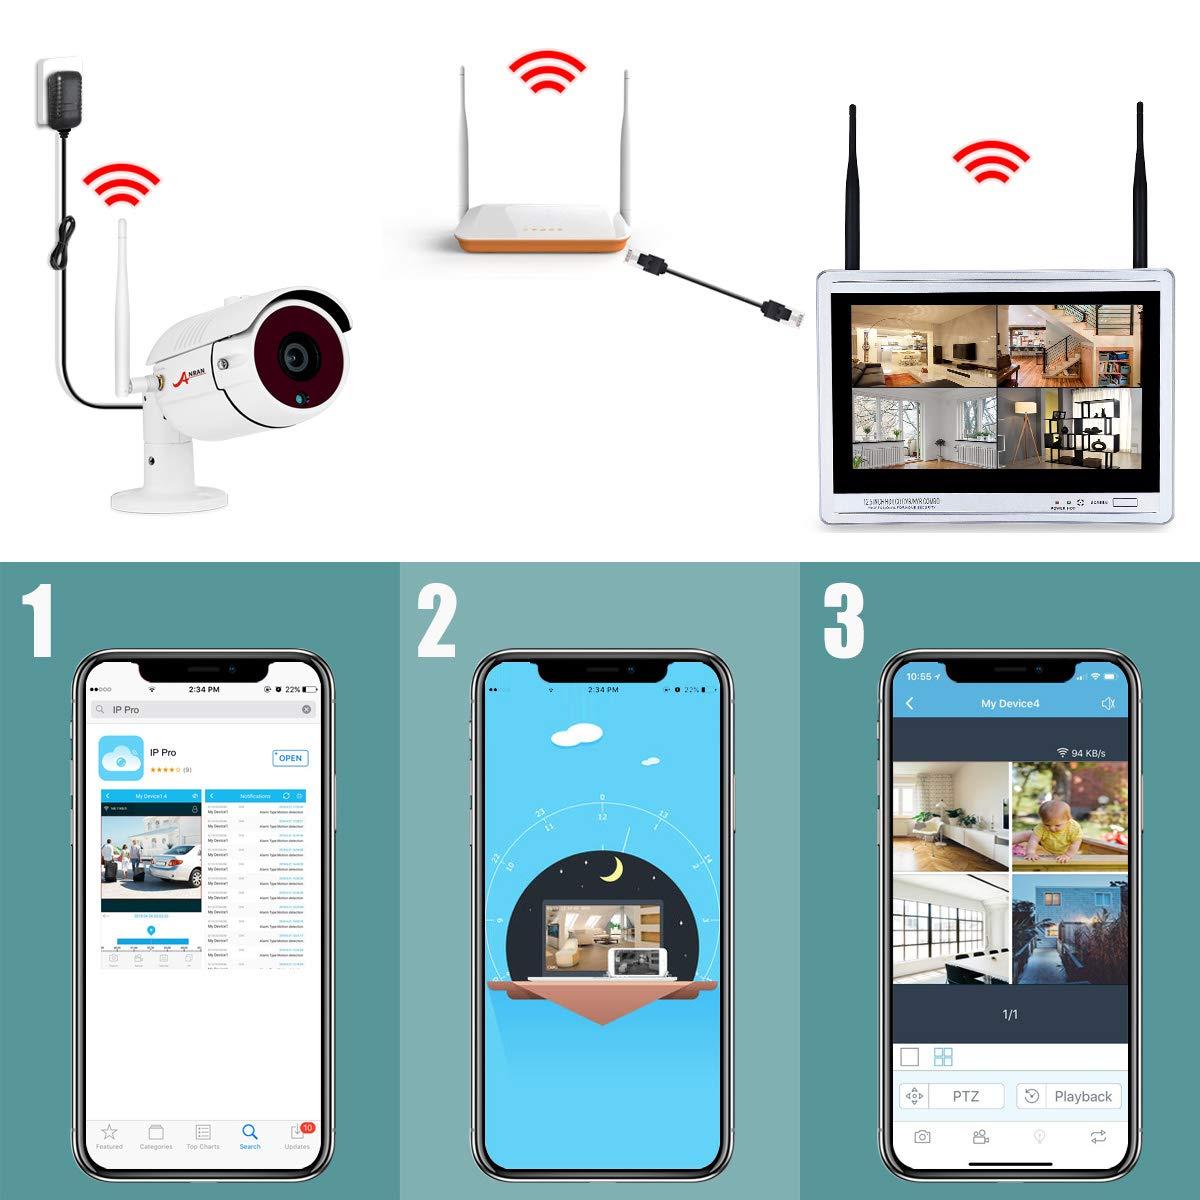 [2019 Más Reciente] ANRAN 1080P Kit Cámaras de Vigilancia WiFi con Monitor de 12 Pulgadas 8CH NVR CCTV Kit Videovigilancia WiFi con Pantalla 8 Cámaras ...